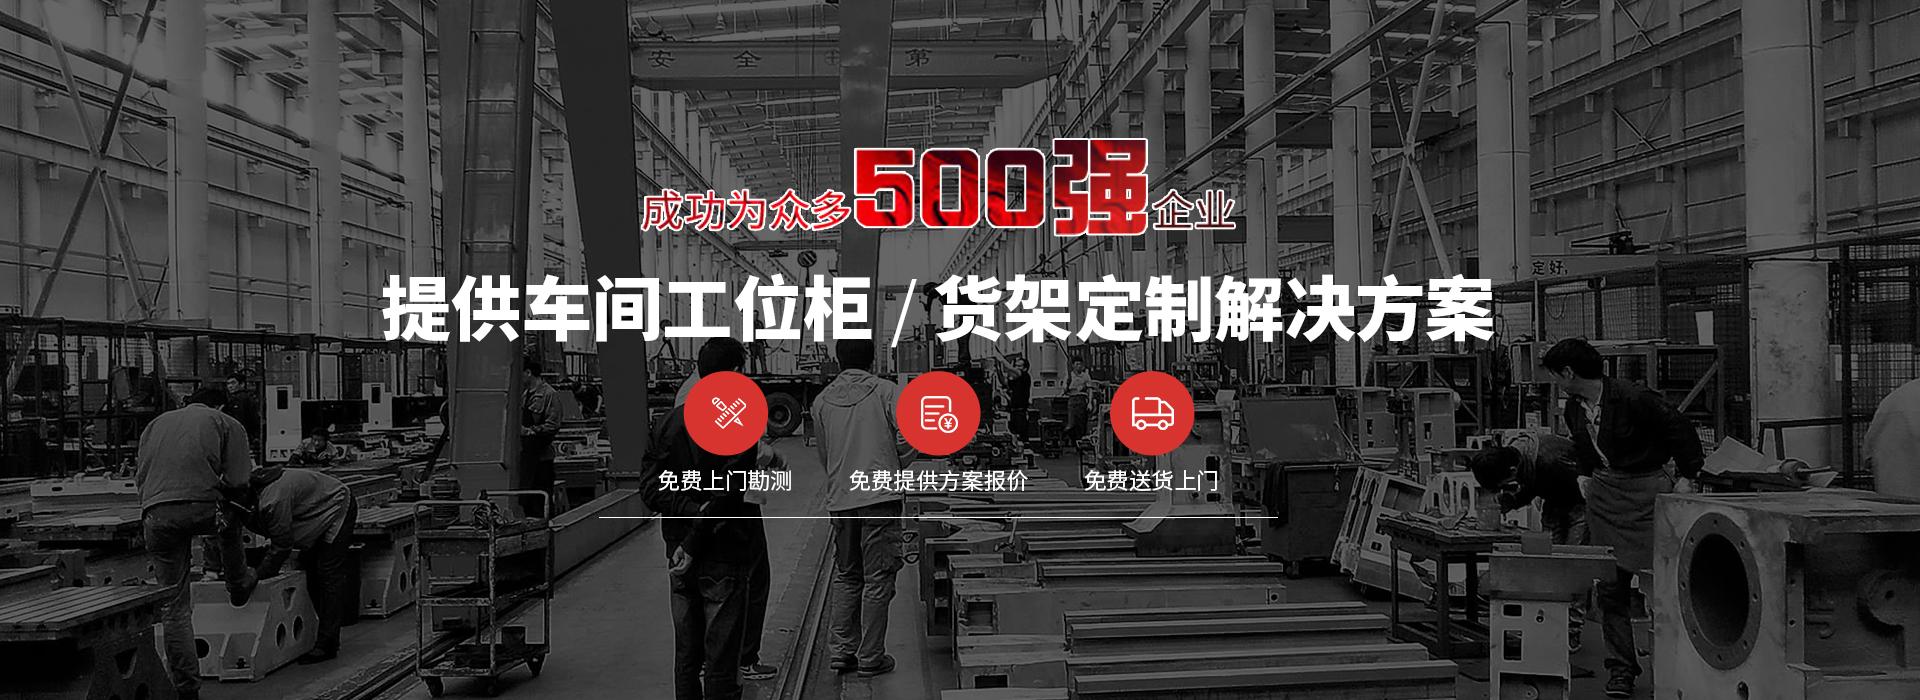 天金冈工位器具36800+客户使用案例